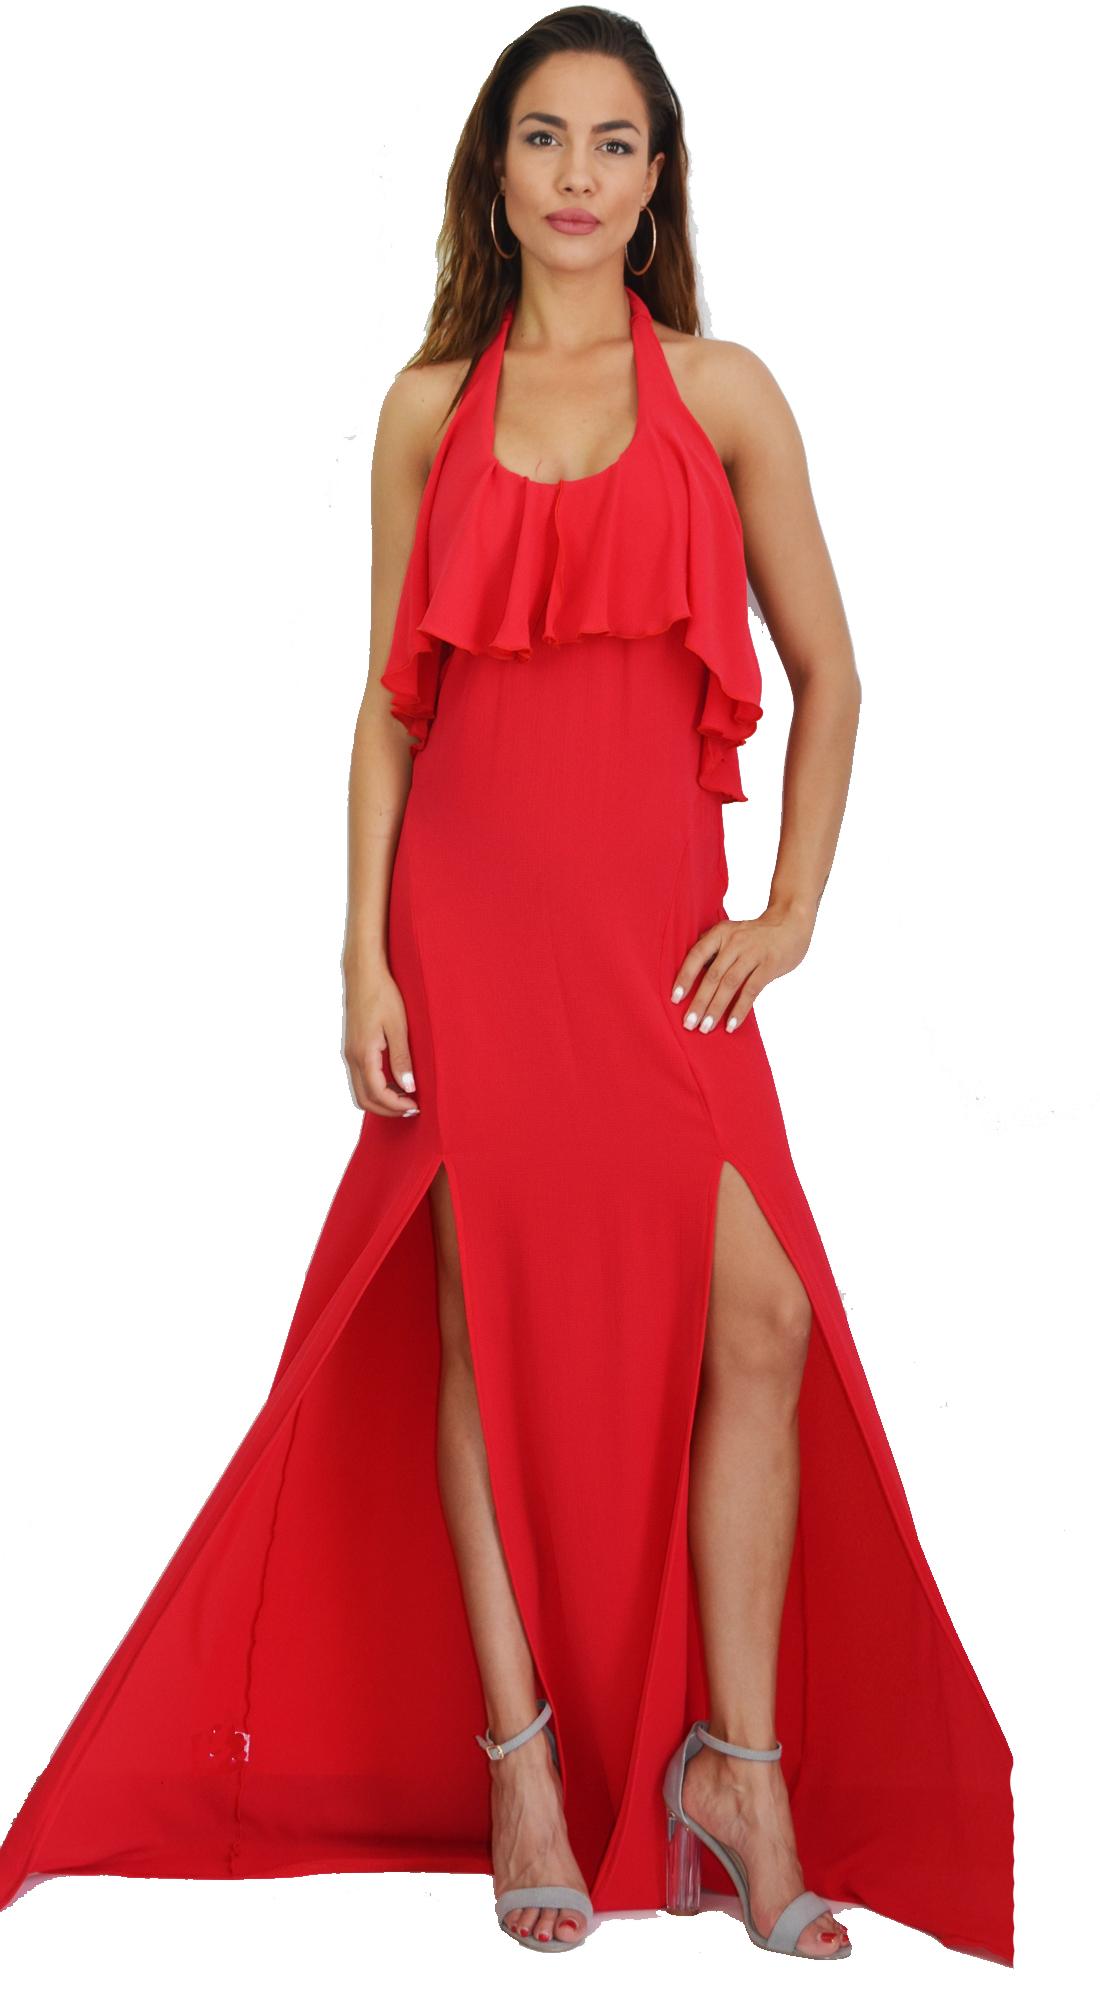 Μάξι Φόρεμα Red Passion με βολάν στο Μπούστο - OEM - S17LV-5317732400 glam occassions wedding shop